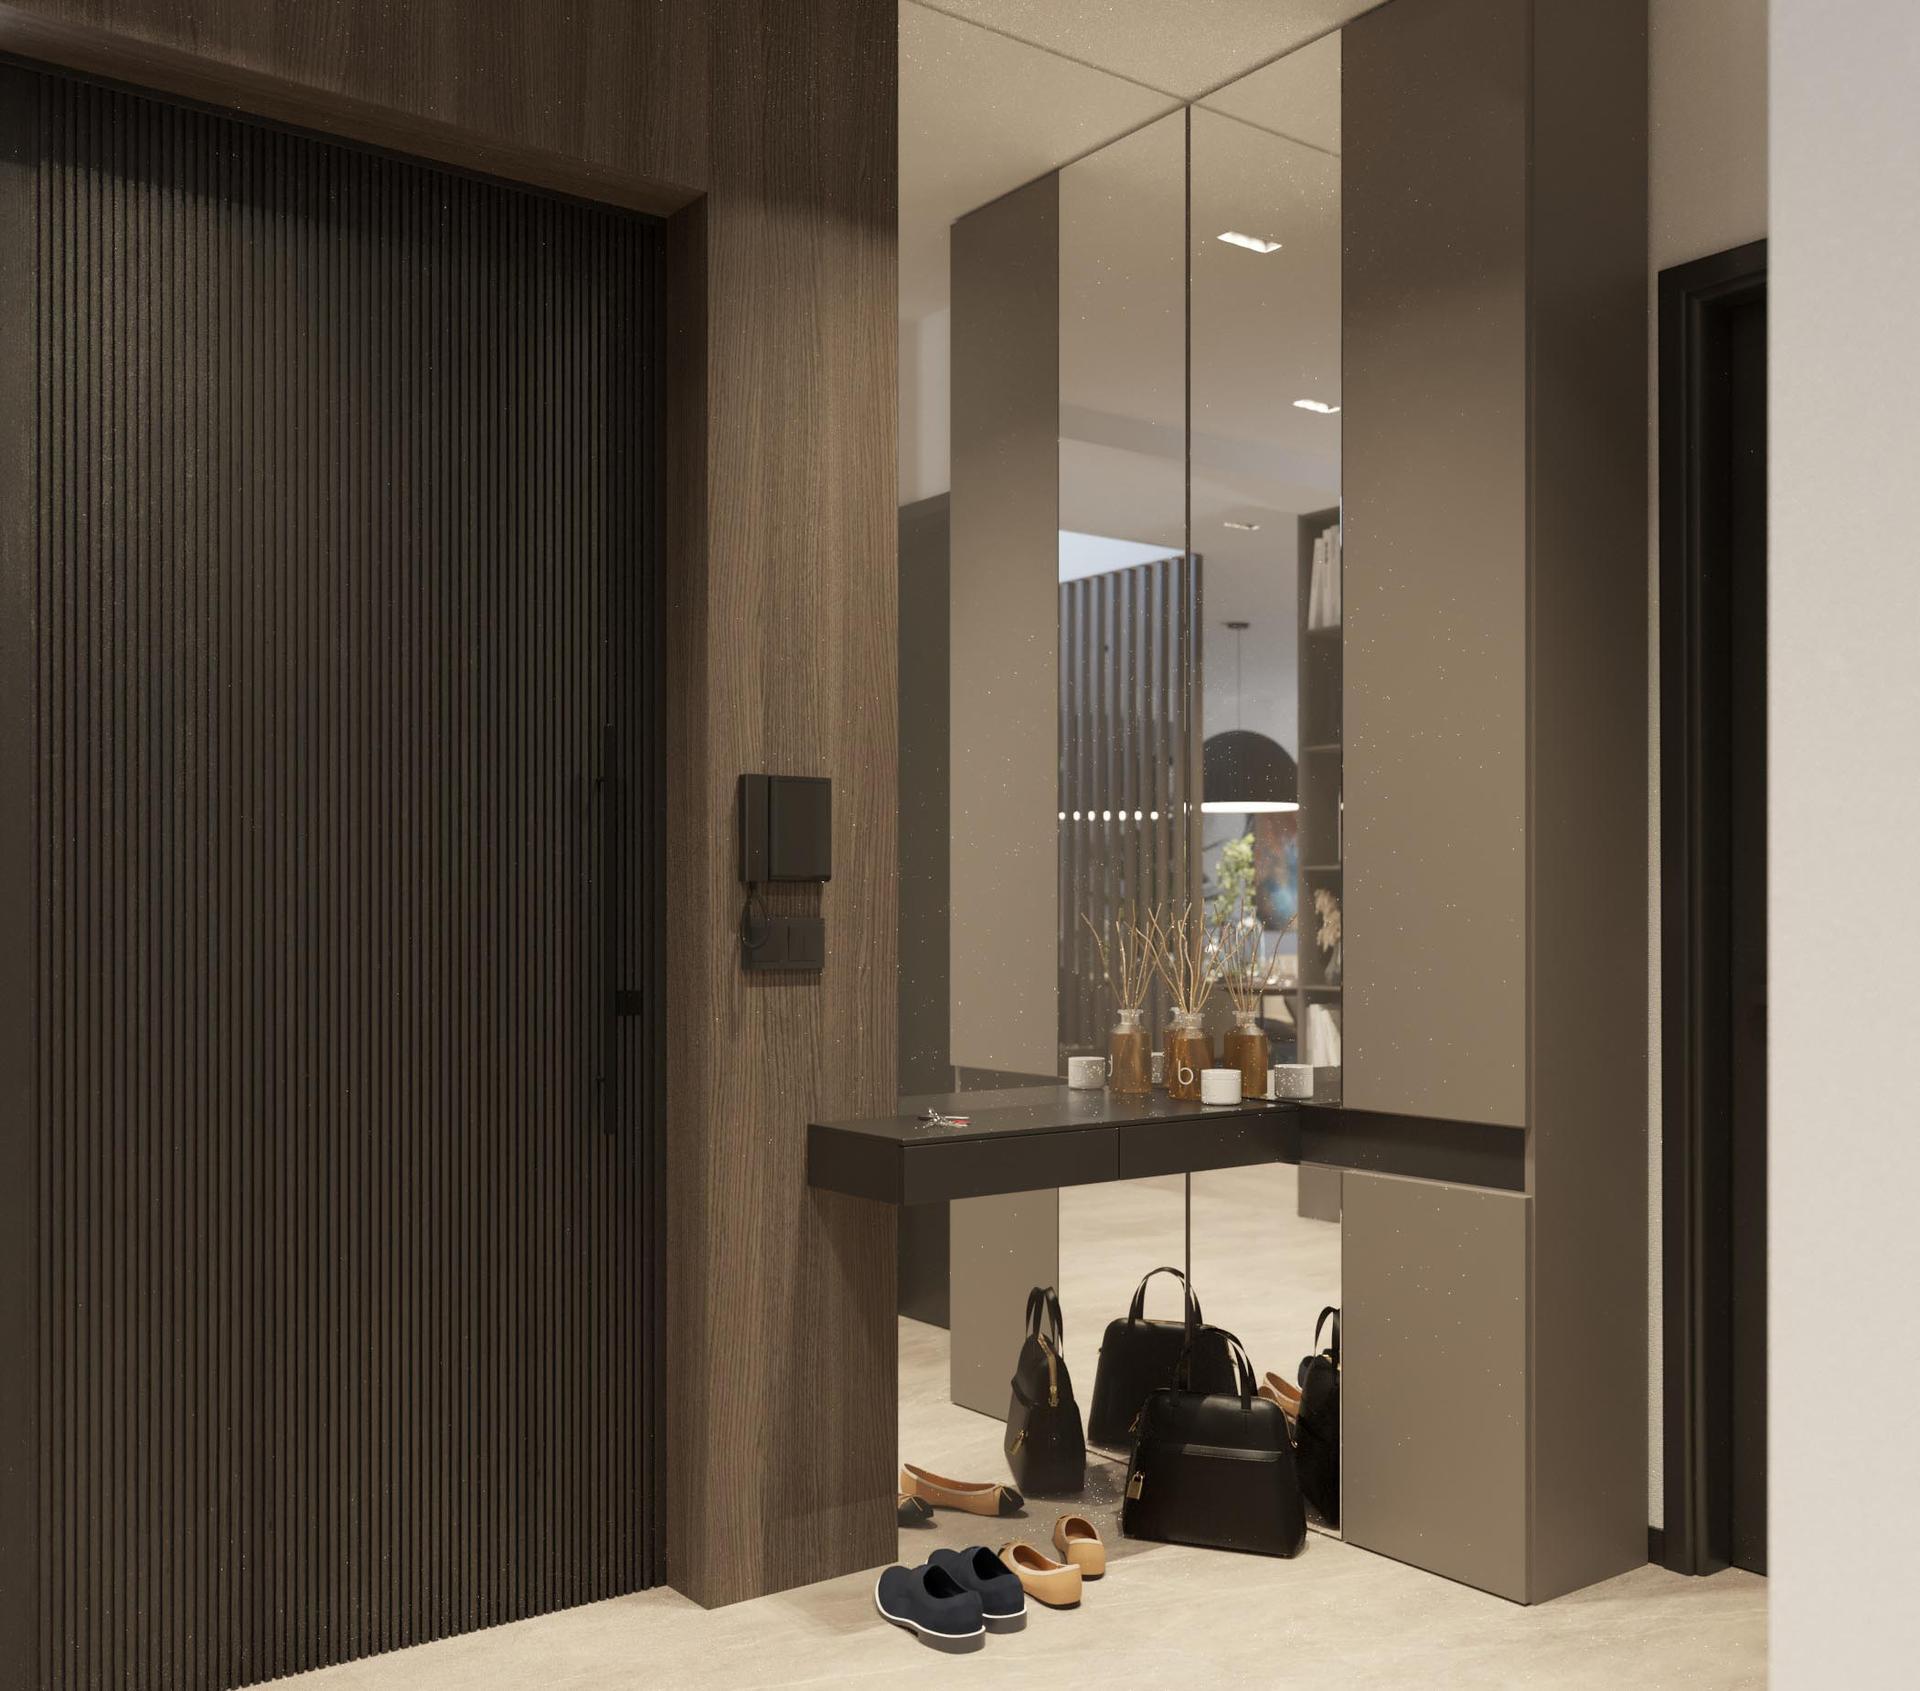 Návrh interiérového dizajnu :) - Obrázok č. 1